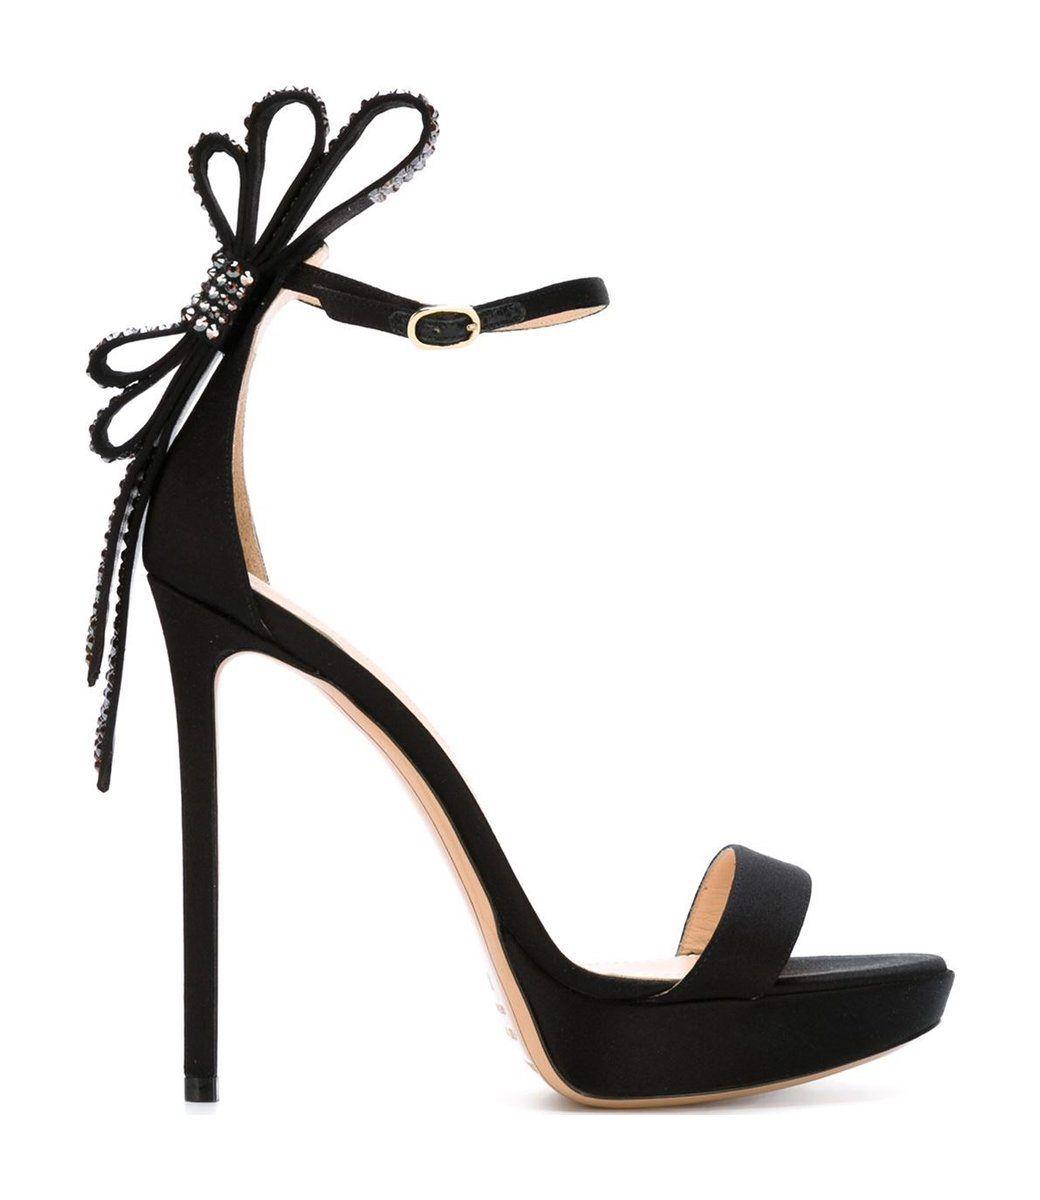 Guarda queste scarpe su Stylect!